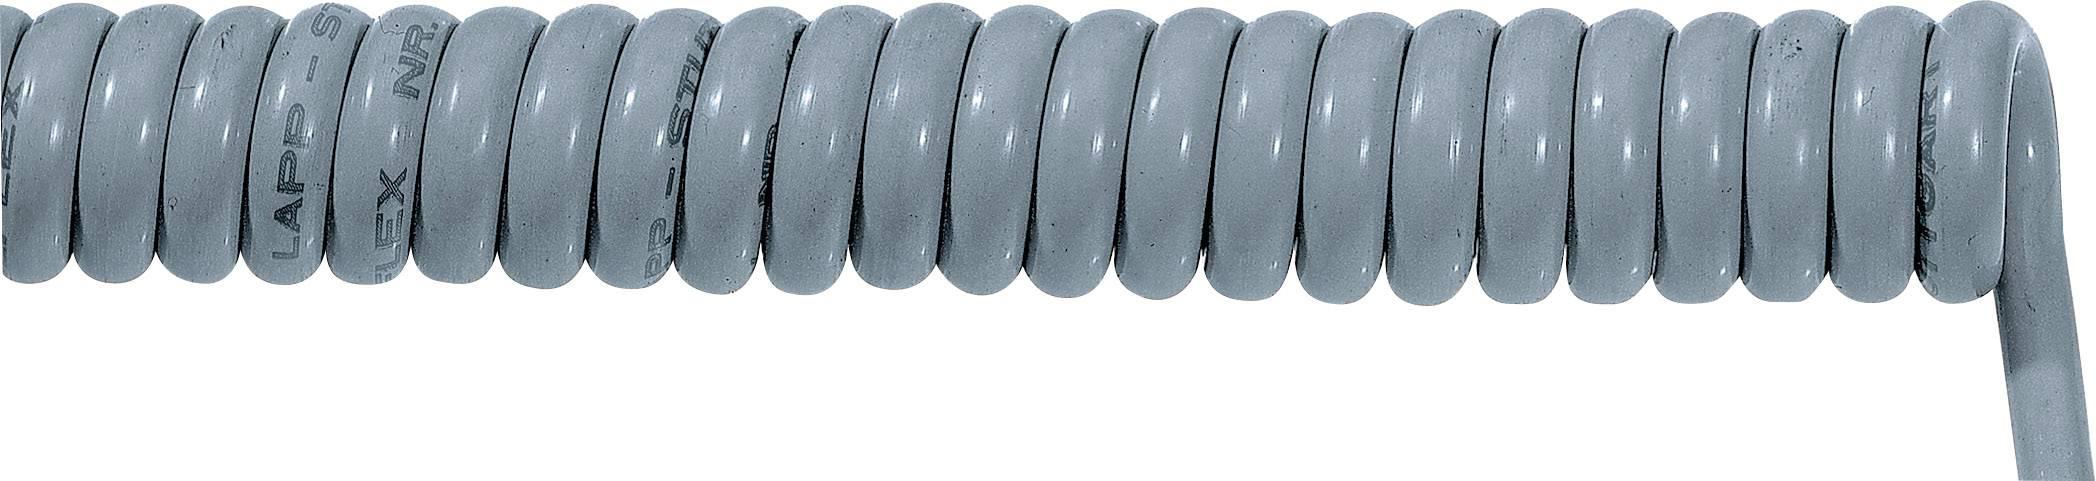 Špirálový kábel 70002669 ÖLFLEX® SPIRAL 400 P 7 x 1 mm², 2000 mm / 6000 mm, sivá